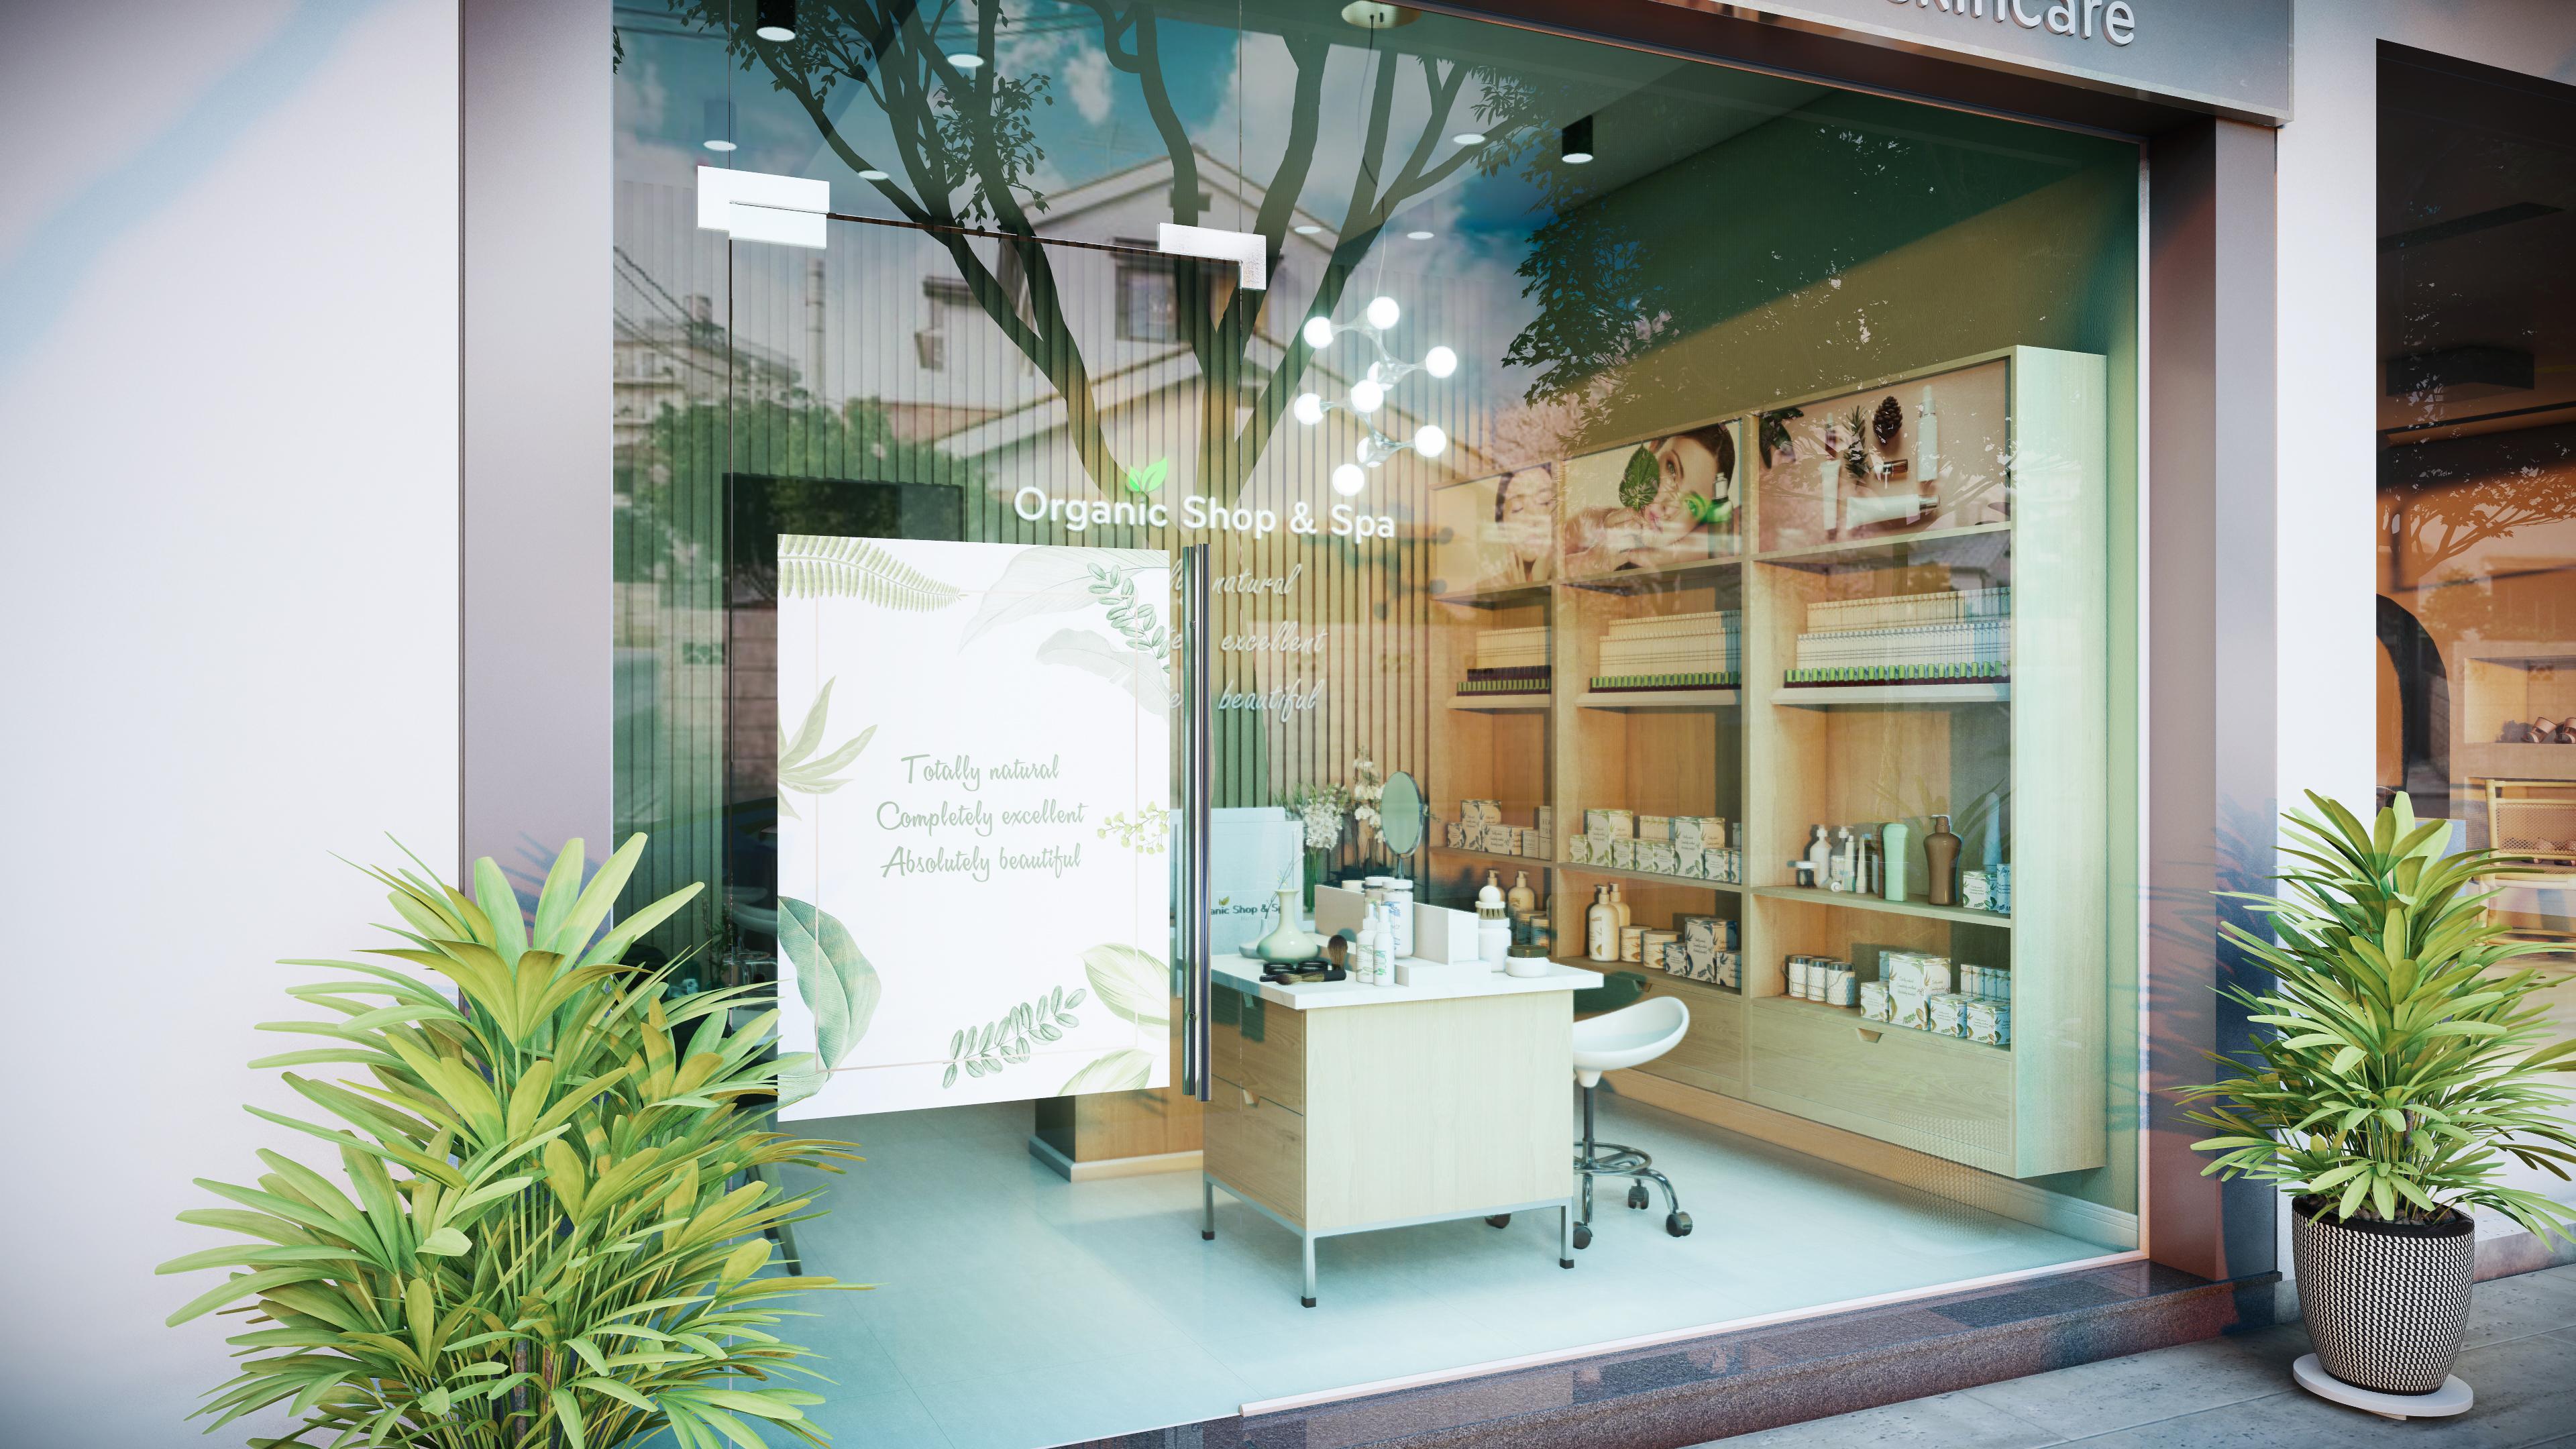 Thiết kế nội thất Spa tại Hồ Chí Minh HCM.MRGIANG-SHOP&SPA 1590203838 8